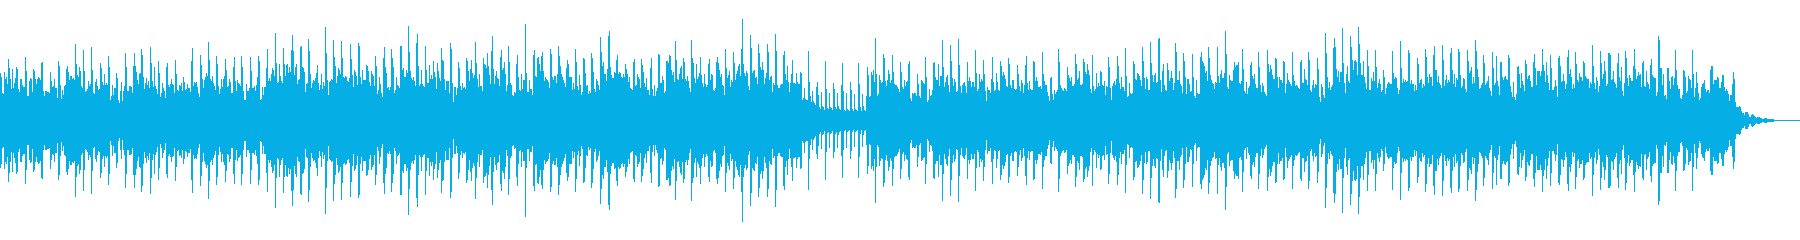 優しい爽やかな雰囲気のテクノポップBGMの再生済みの波形